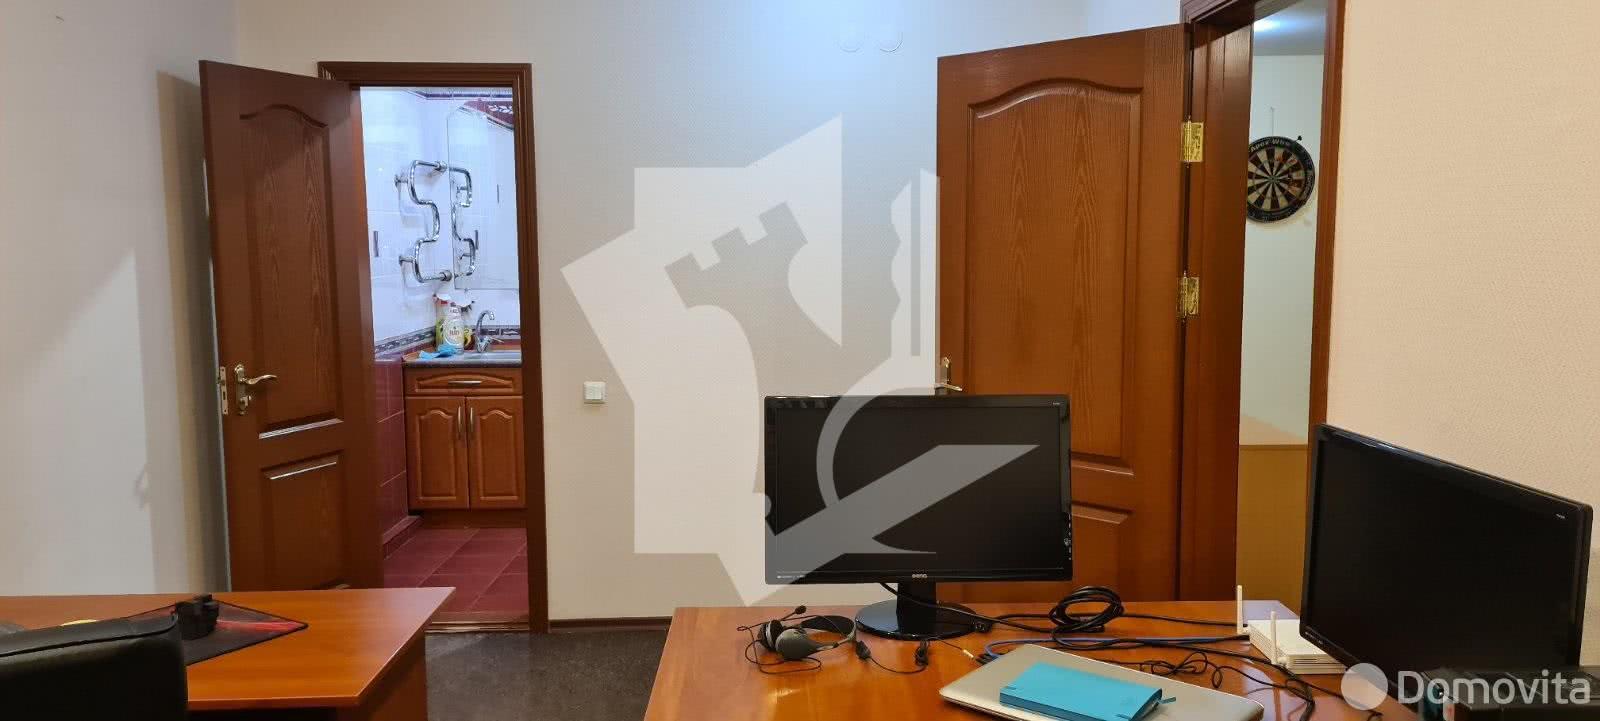 Аренда офиса на ул. Захарова, д. 50В в Минске - фото 5